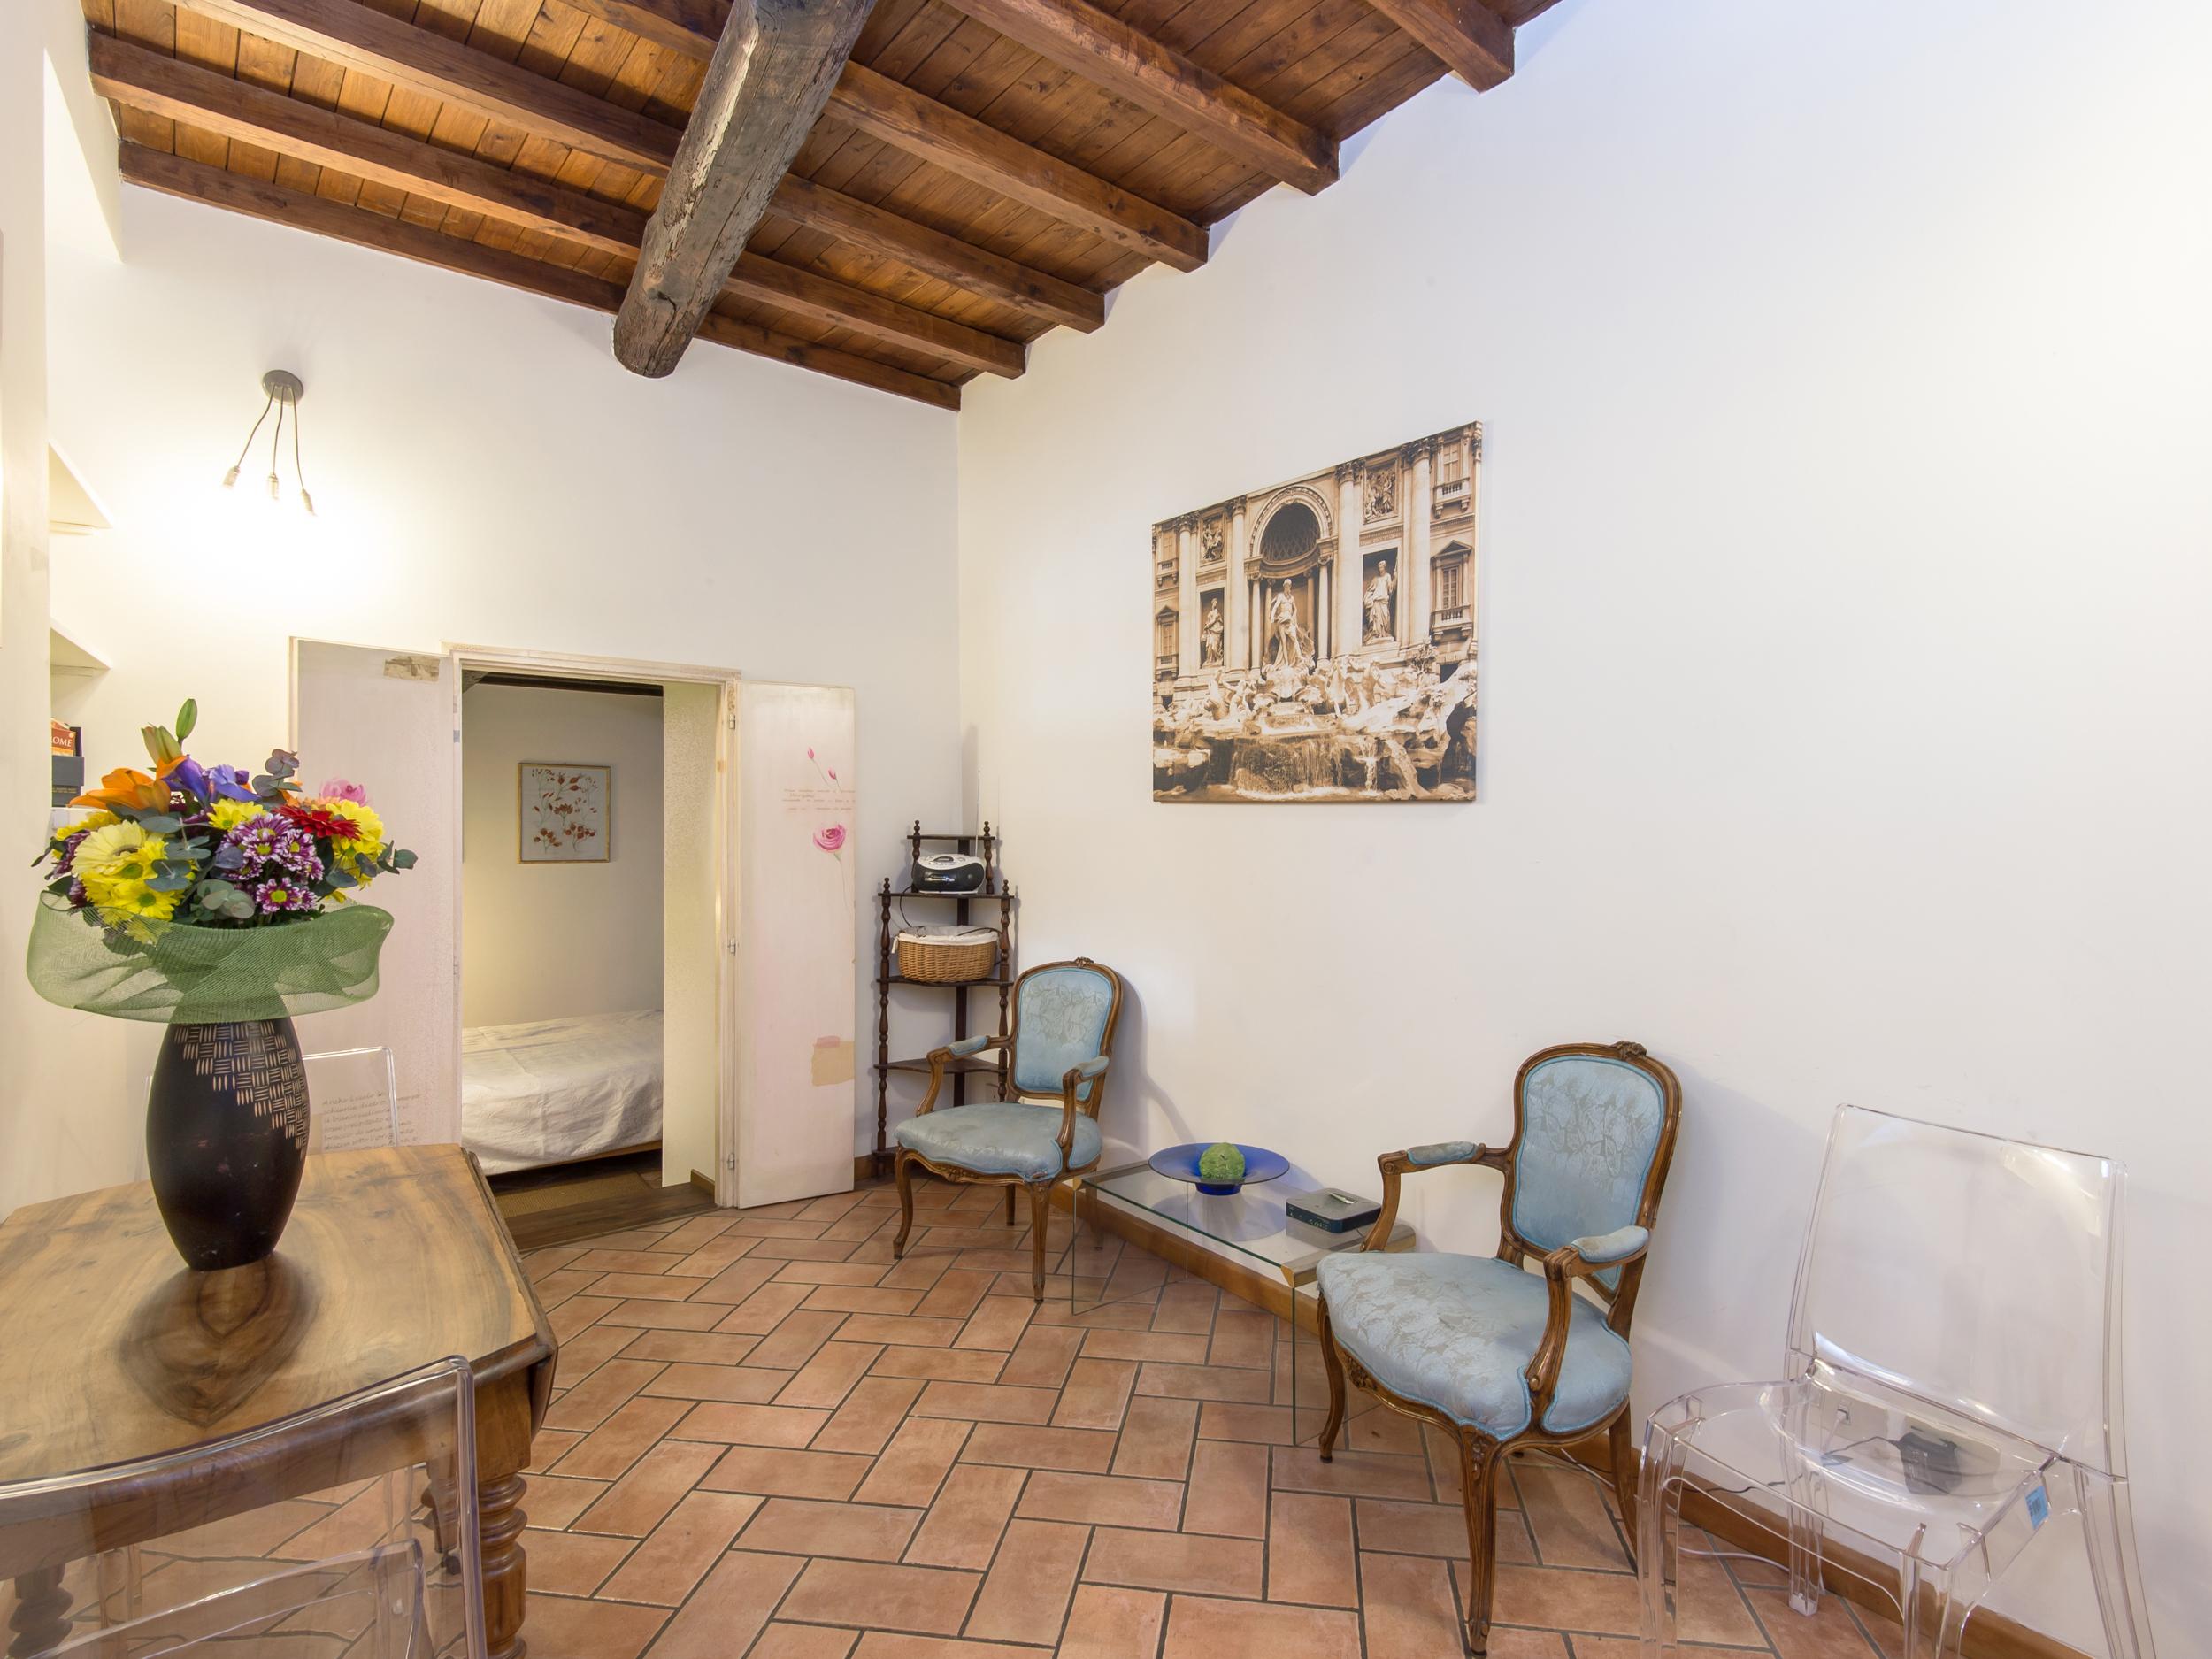 Appartement trastevere in roma centro storico itali for Affitto uffici roma trastevere